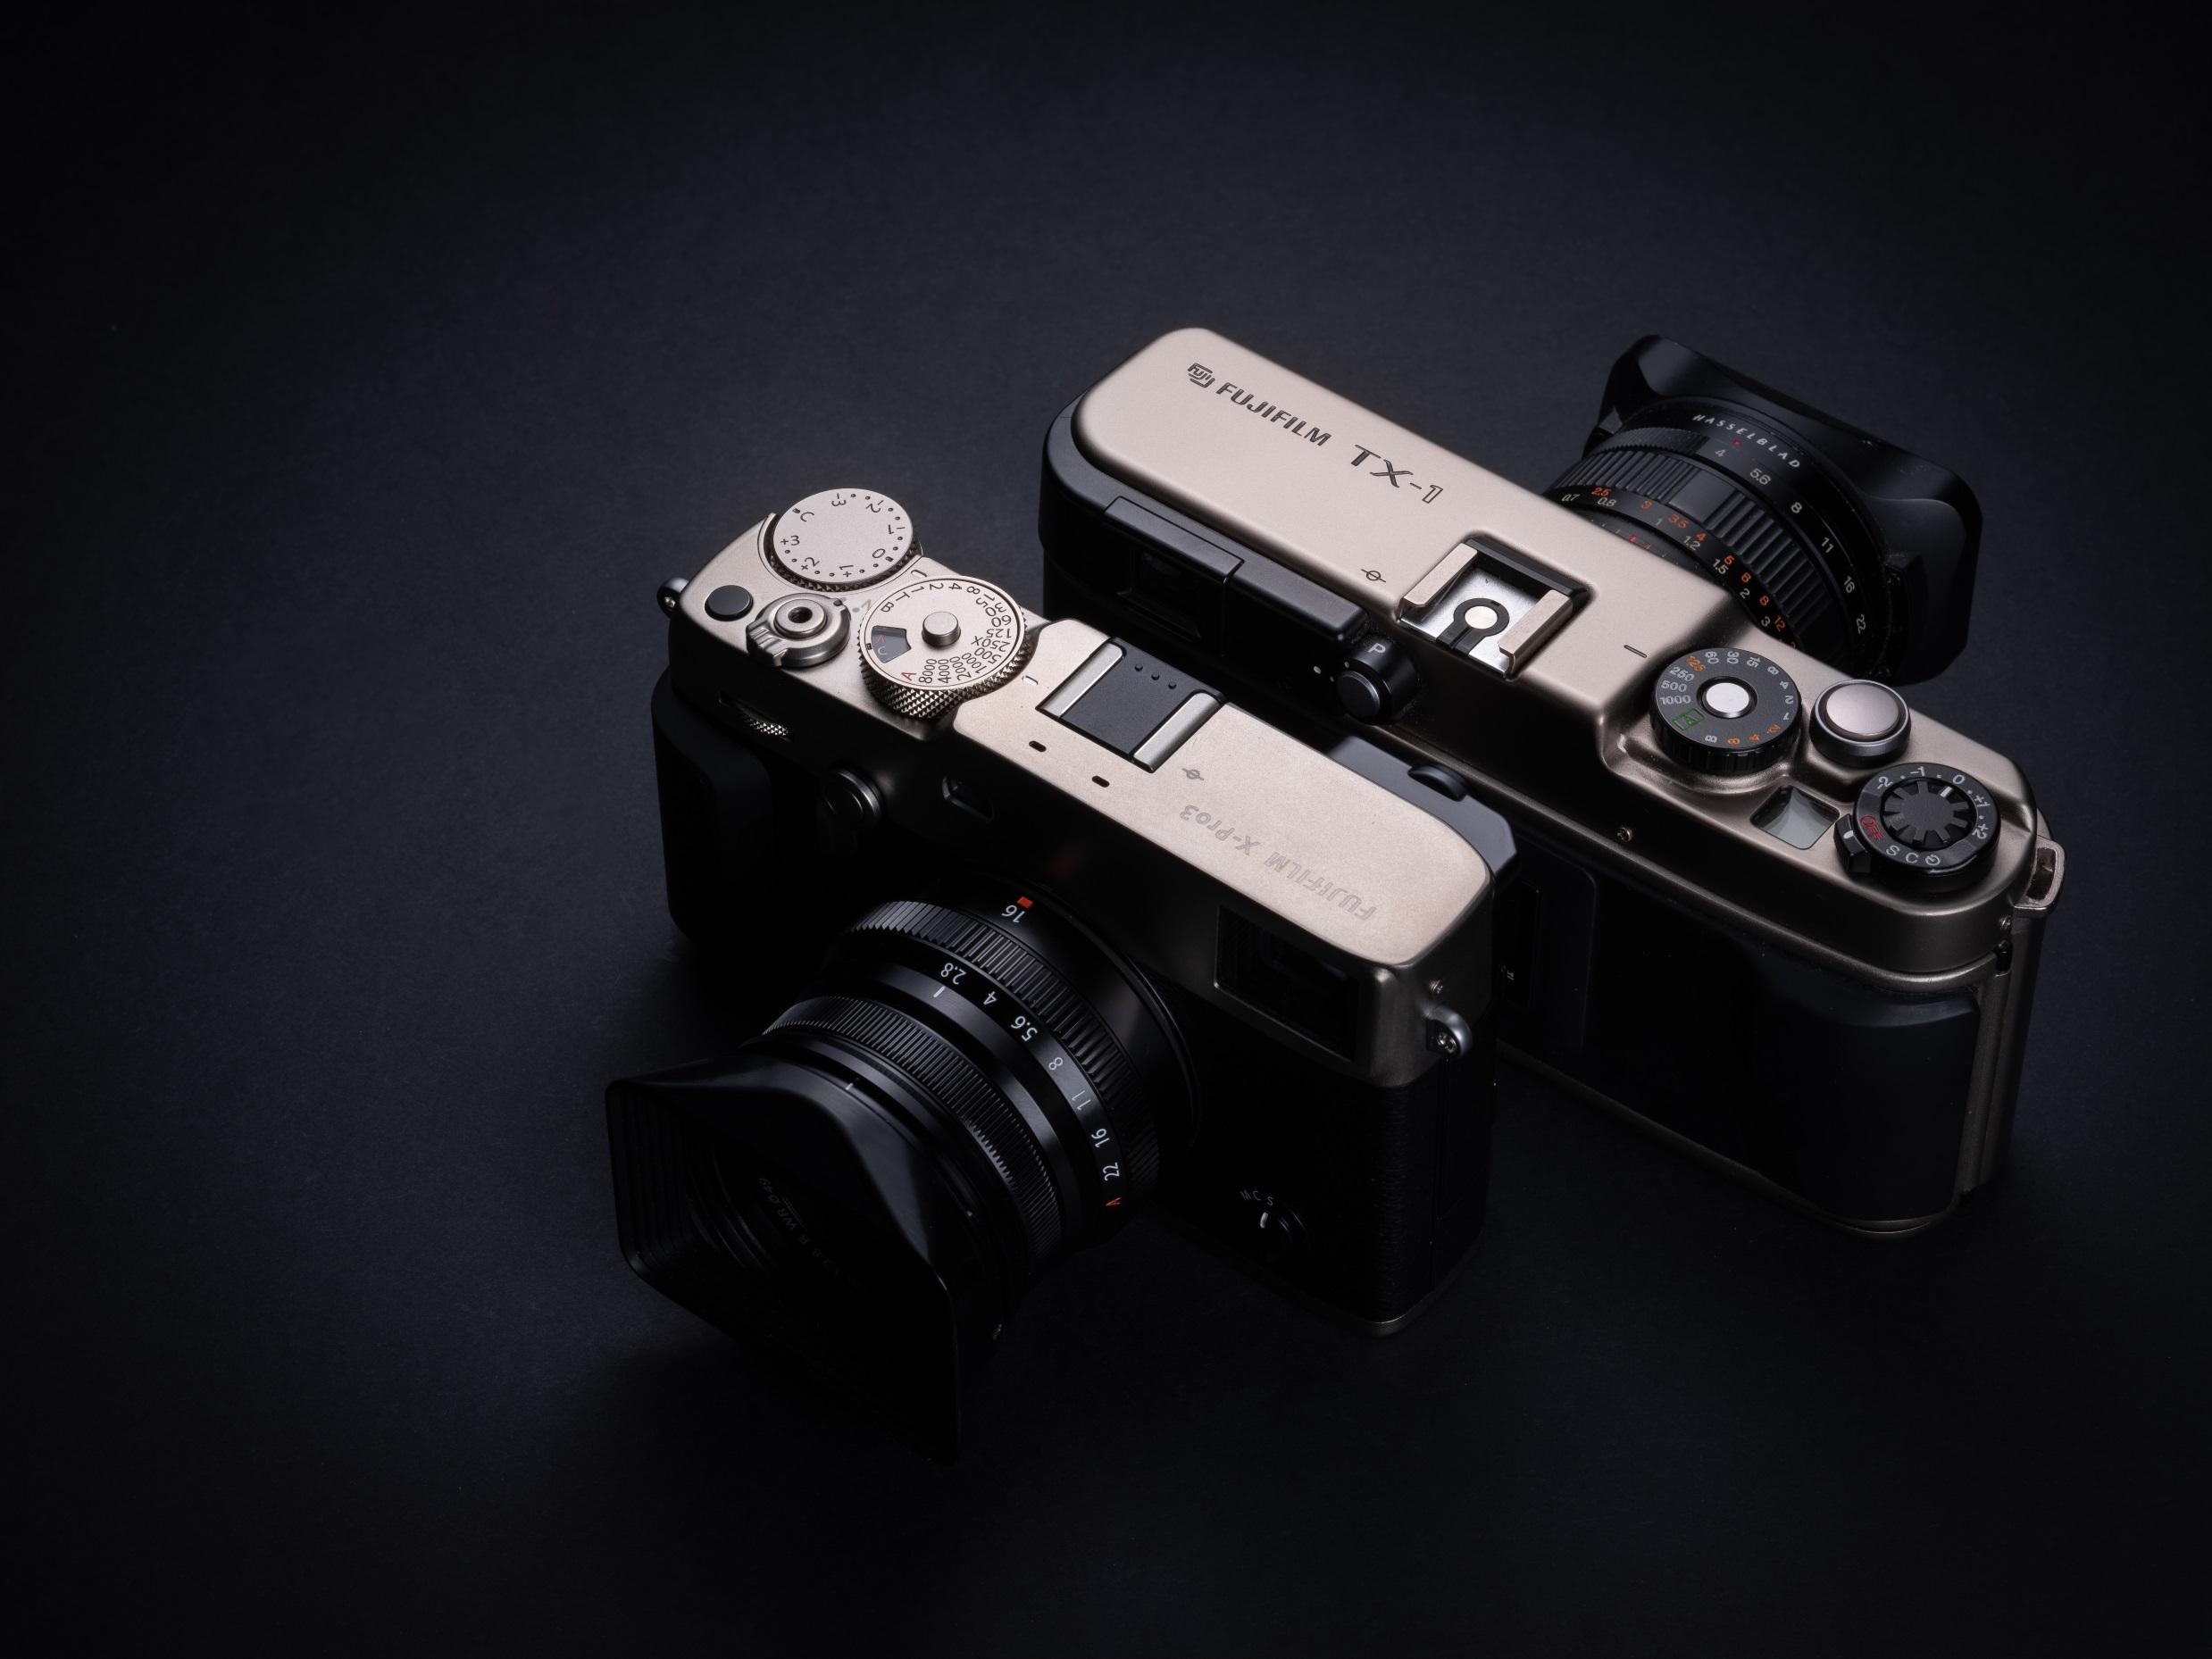 Fujifilm X-pro3 porównanie